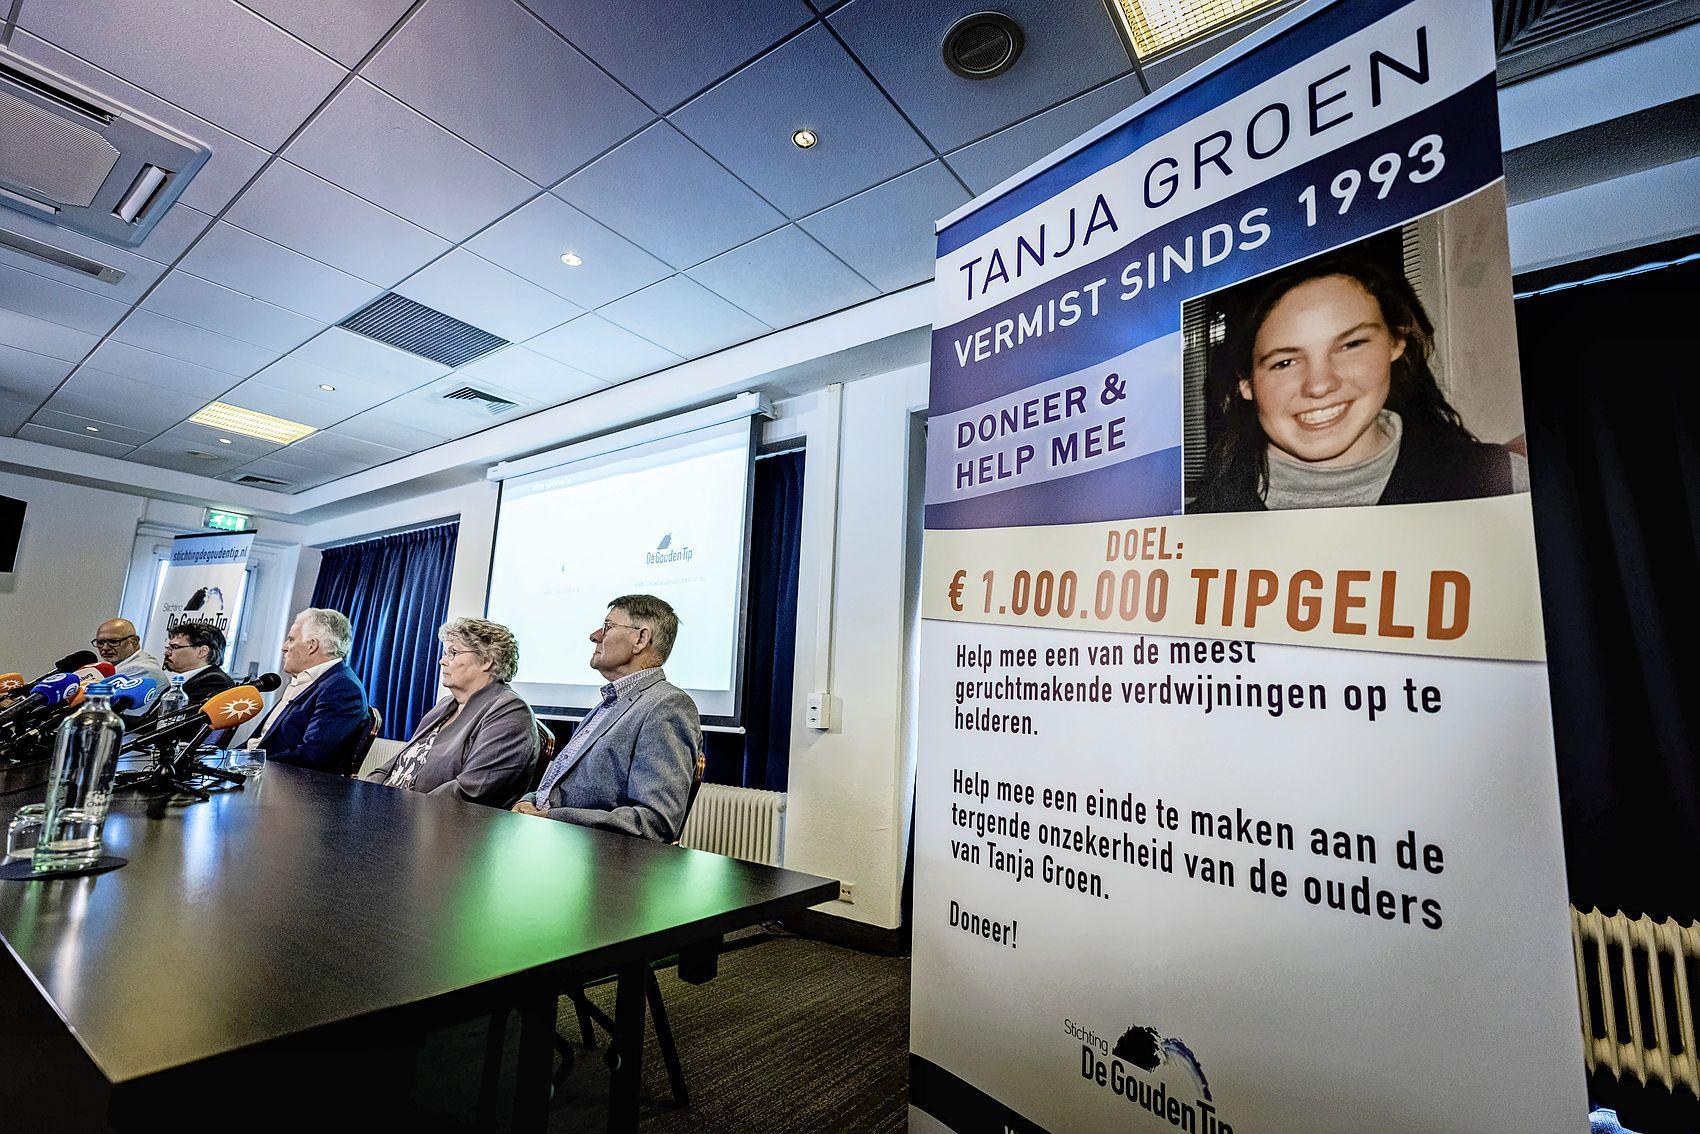 Omroep MAX maakt special om geld op te halen voor tip Schagense Tanja Groen. 'Ik wil tegen Peter zeggen: het is gelukt, we hebben het miljoen'